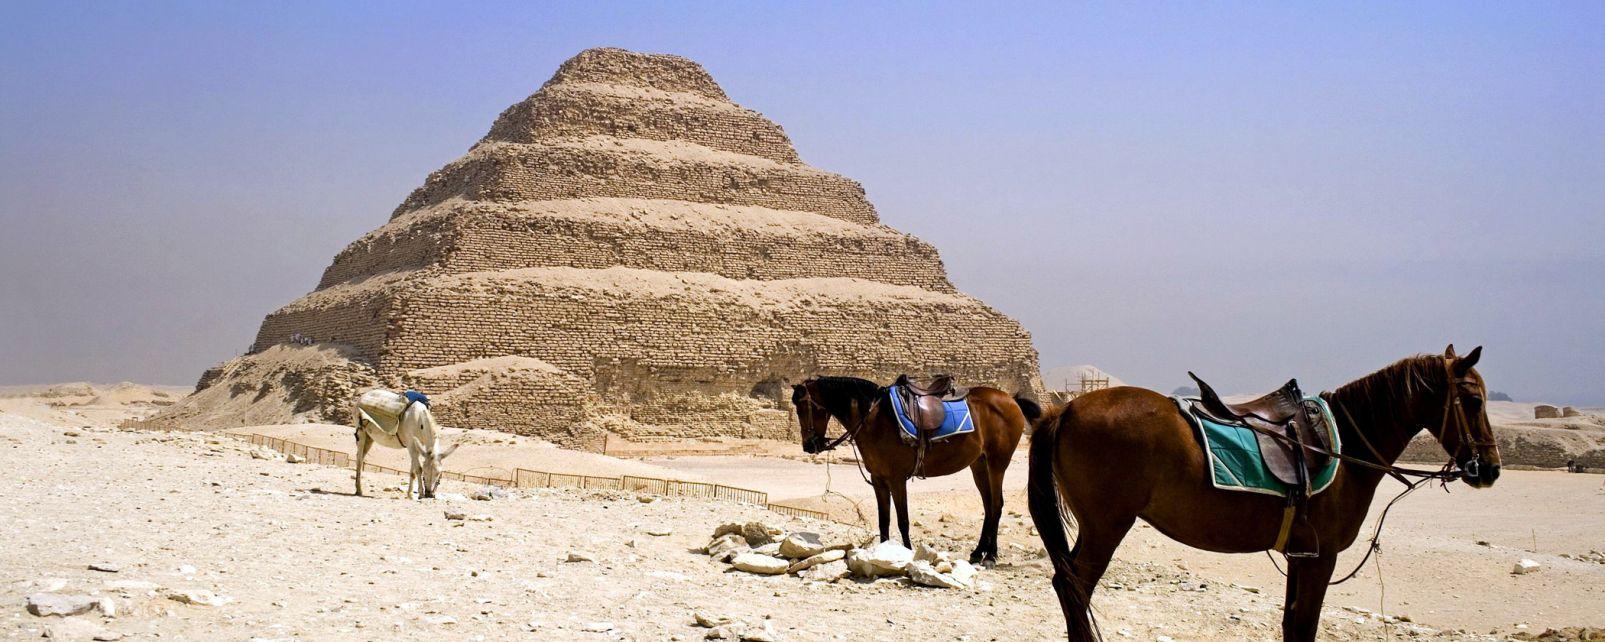 Il complesso funerario di Djoser, La necropoli di Saqqarah, I siti, Egitto